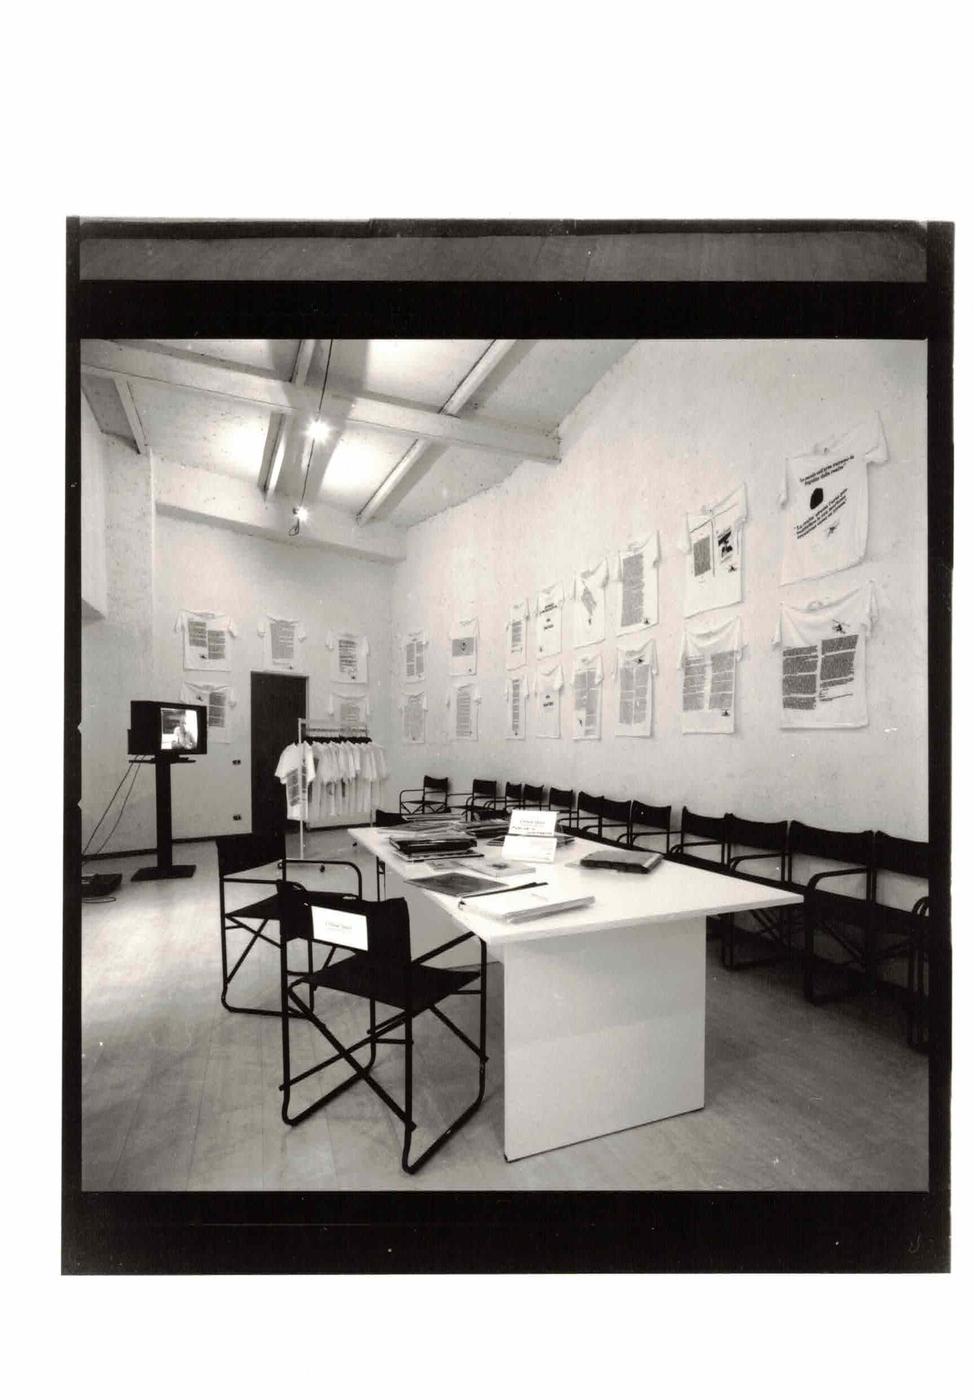 Critical Quest. I giochi di ruolo della critica, Critical Quest, veduta dell'allestimento nello spazio dell'Archivio Viafarini, Milano